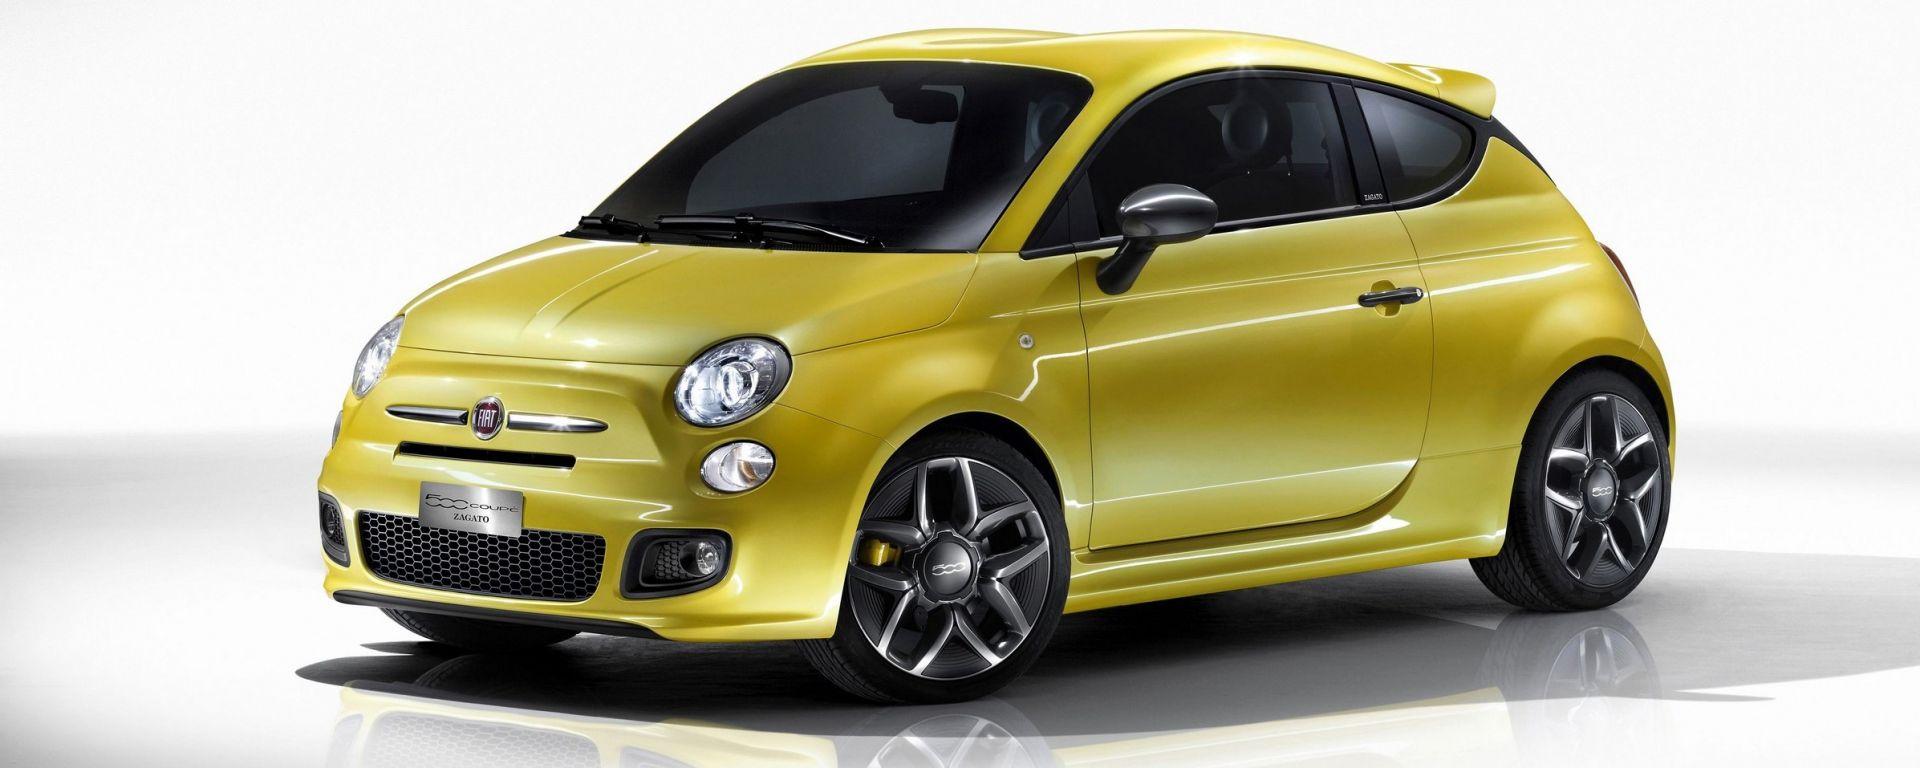 Nuova Fiat 500 2020 Caratteristiche Uscita Dimensioni Motori